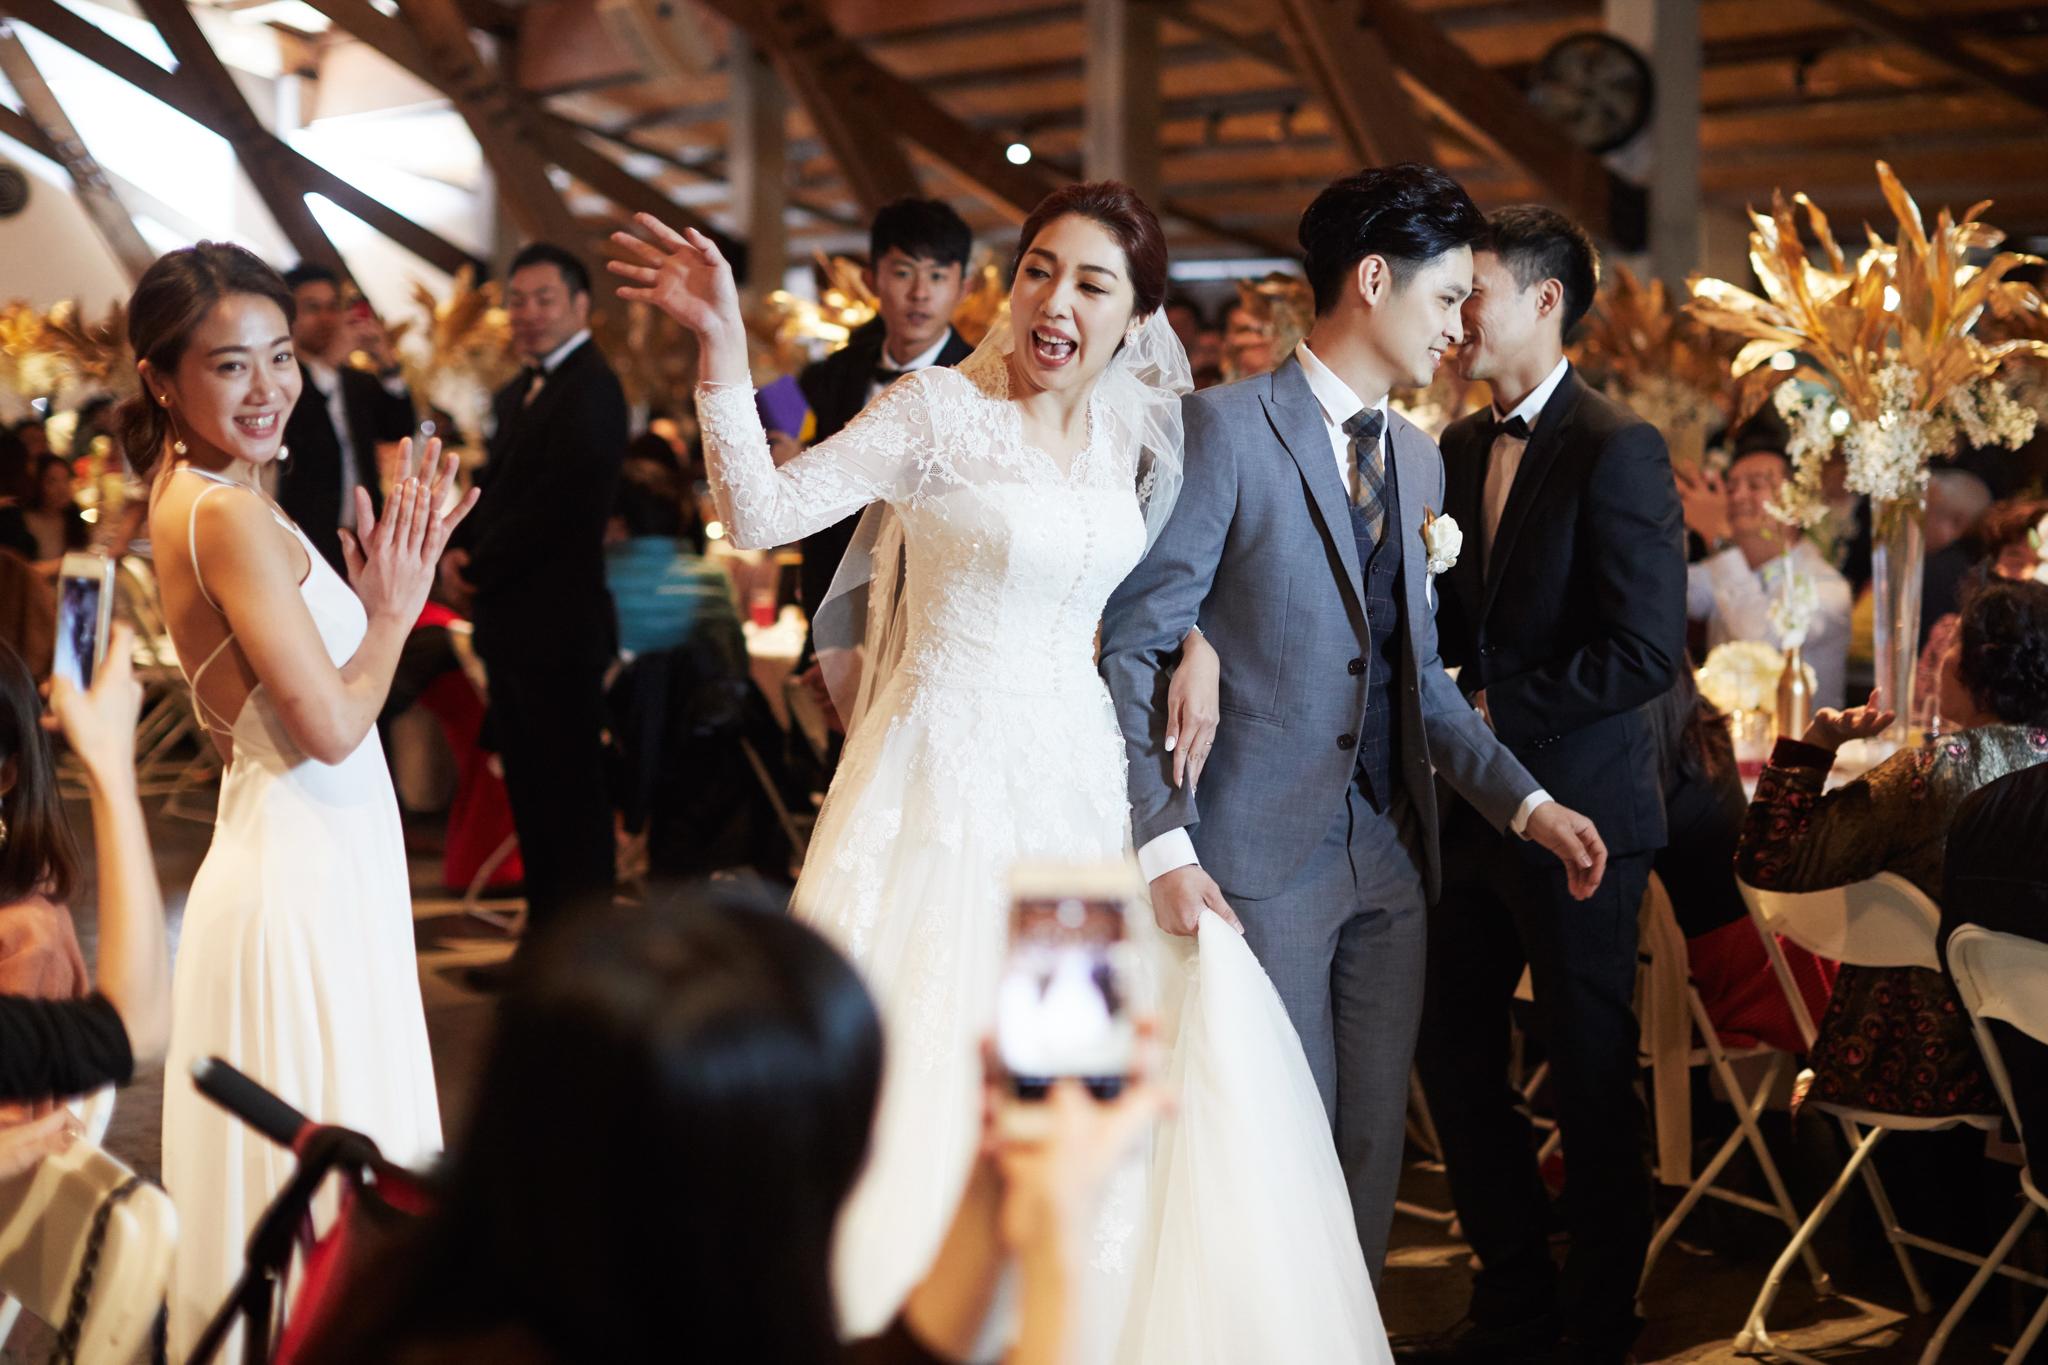 顏牧牧場婚禮, 婚攝推薦,台中婚攝,後院婚禮,戶外婚禮,美式婚禮-96